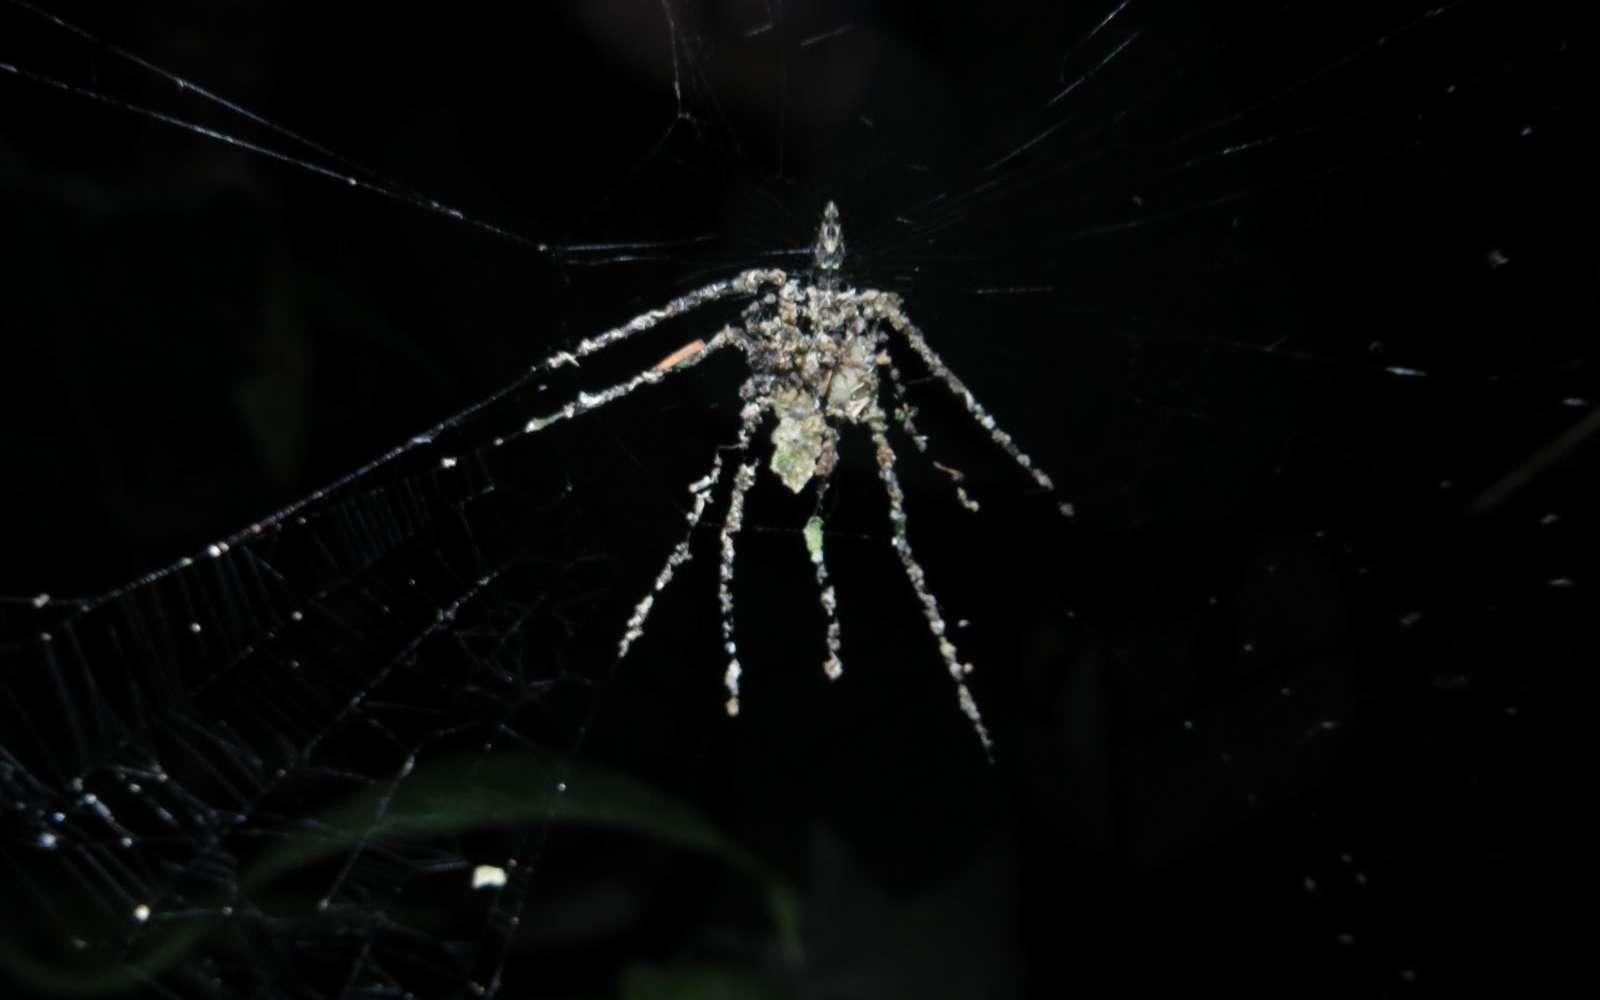 Regardez de plus près : cette araignée n'est faite que de débris végétaux et d'insectes morts ! Elle est 5 fois plus grande que la Cyclosa qui l'a construite. © Phil Torres